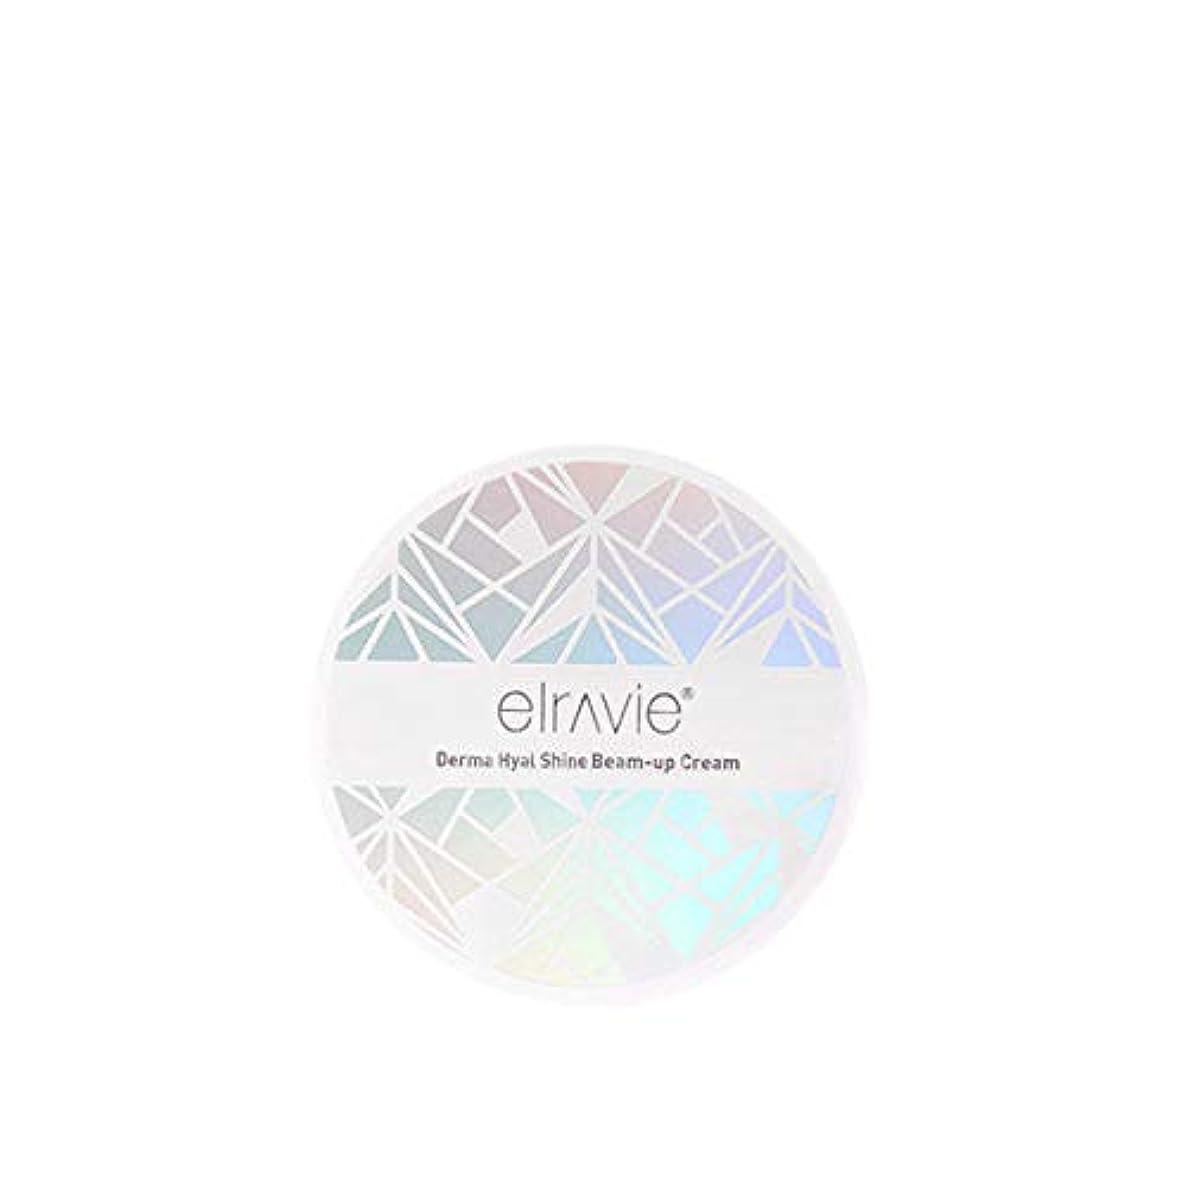 プロテスタント性能学校エラヴィー[Elravie] ダーマヒアルロン酸 輝くビームアップクリーム15g / Derma Hyal Shine Beam-up Cream